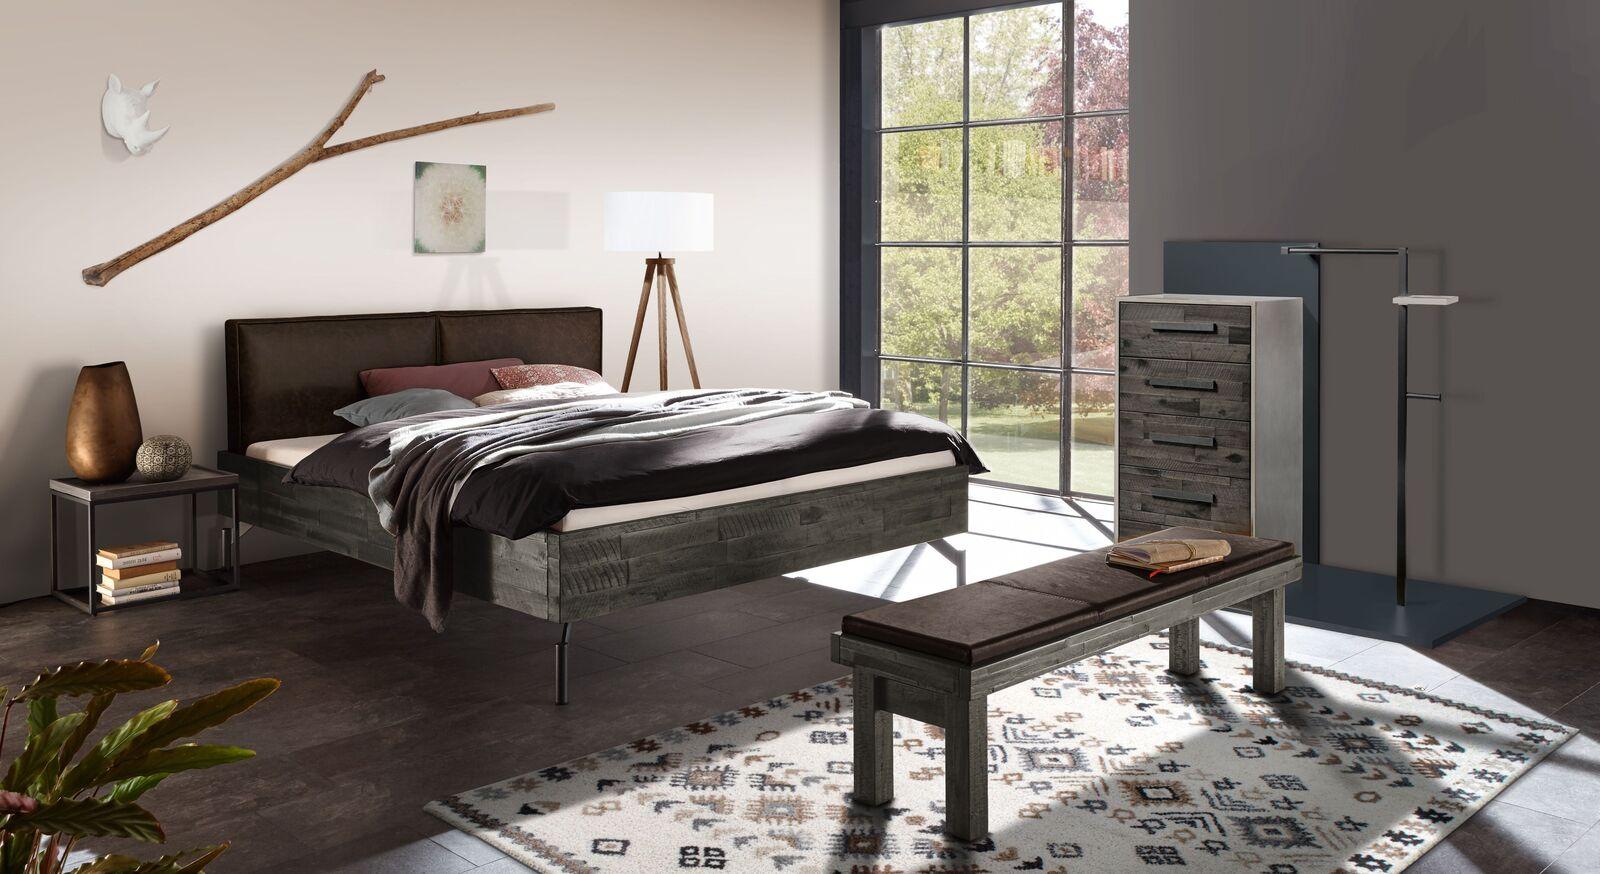 Garderoben-Kommode Envigado mit passenden Möbeln